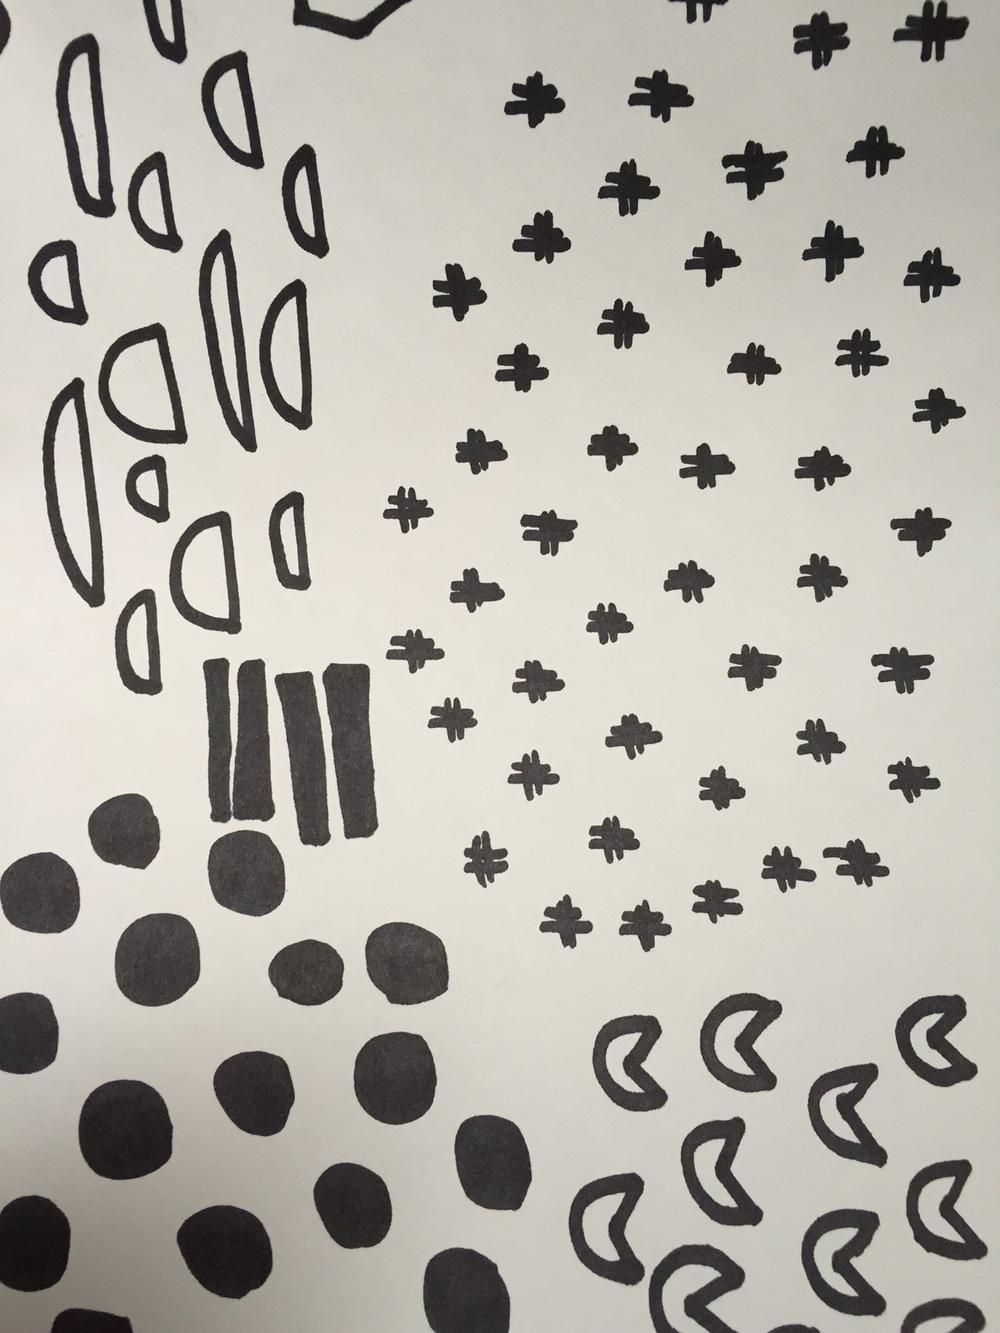 sharpie doodles